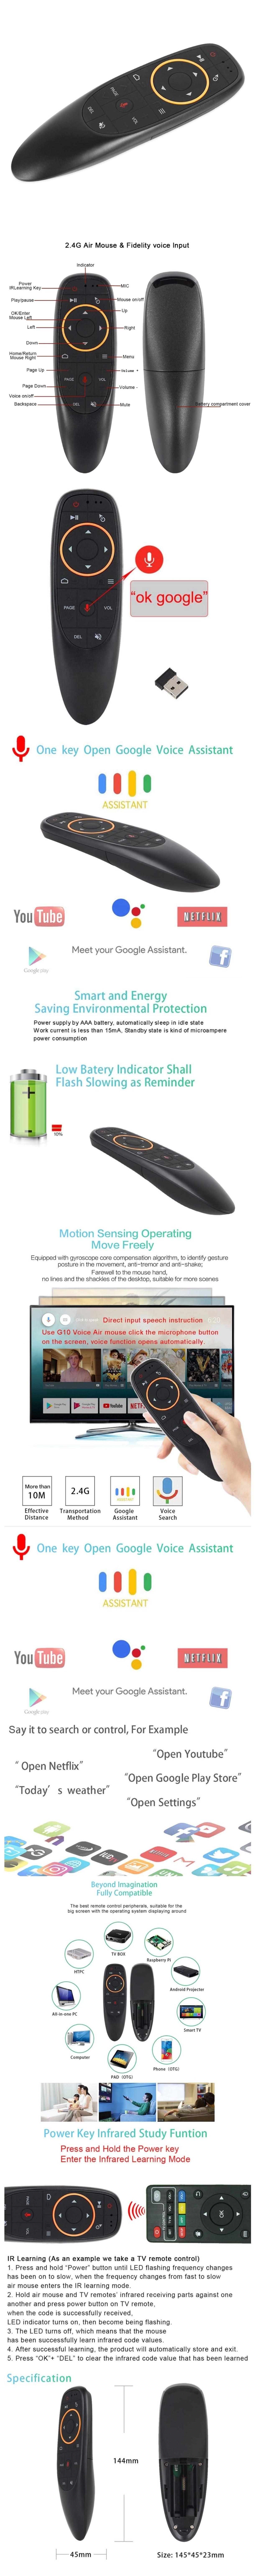 Prezentare-Air-Remote-Mouse2b071e4508f37a23.jpg